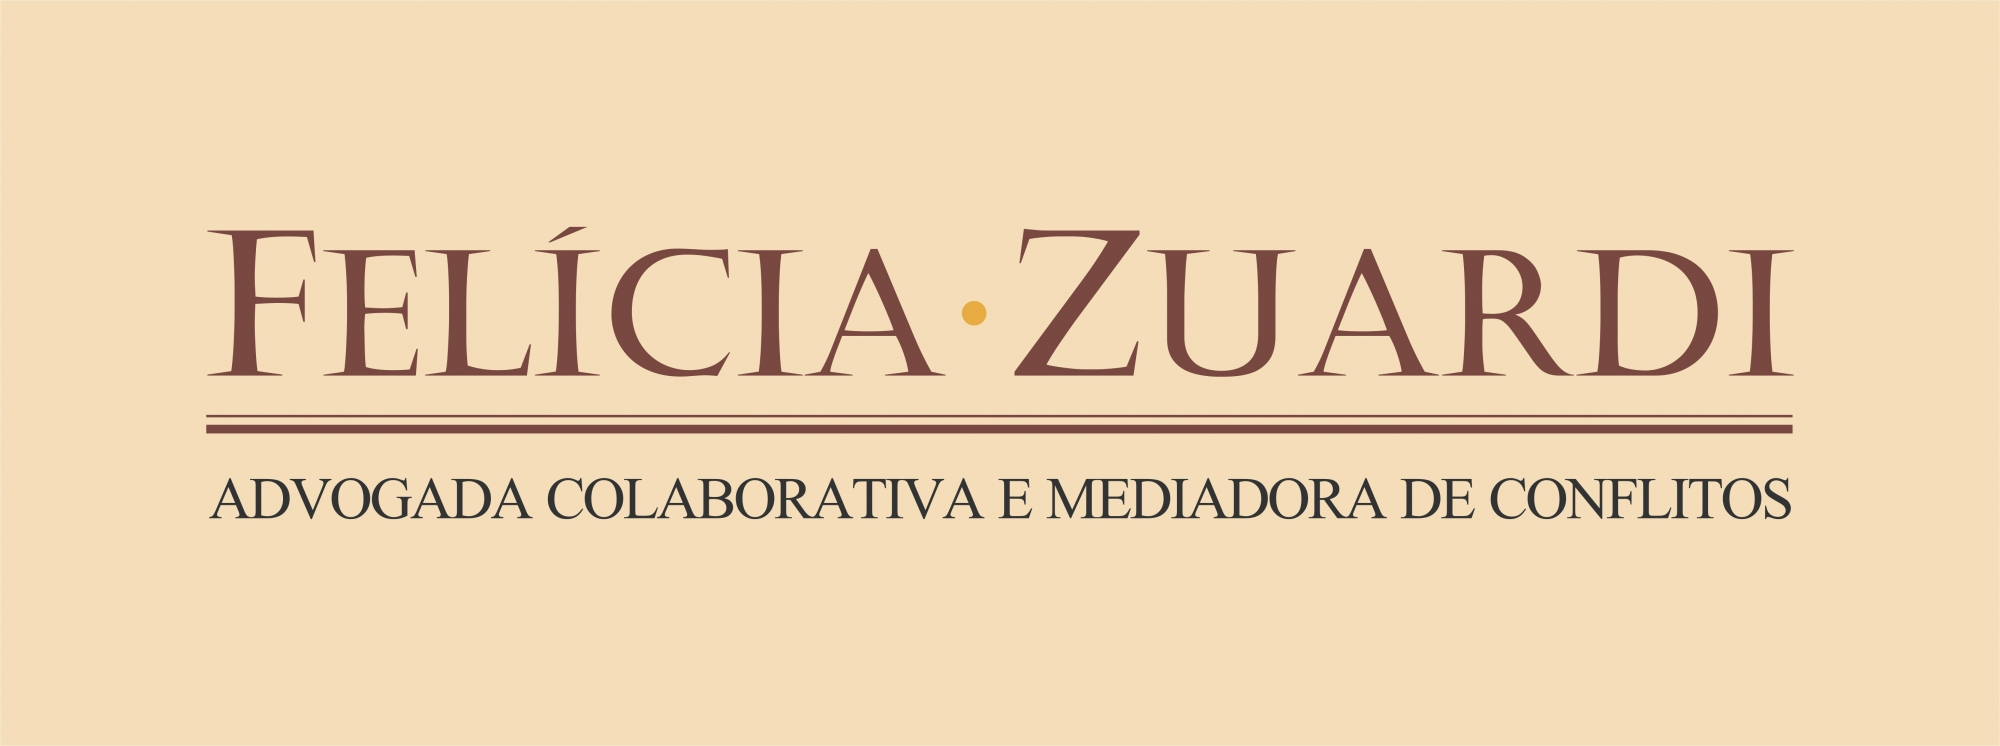 Felícia Zuardi Advogada Colaborativa e Mediadora de Conflitos